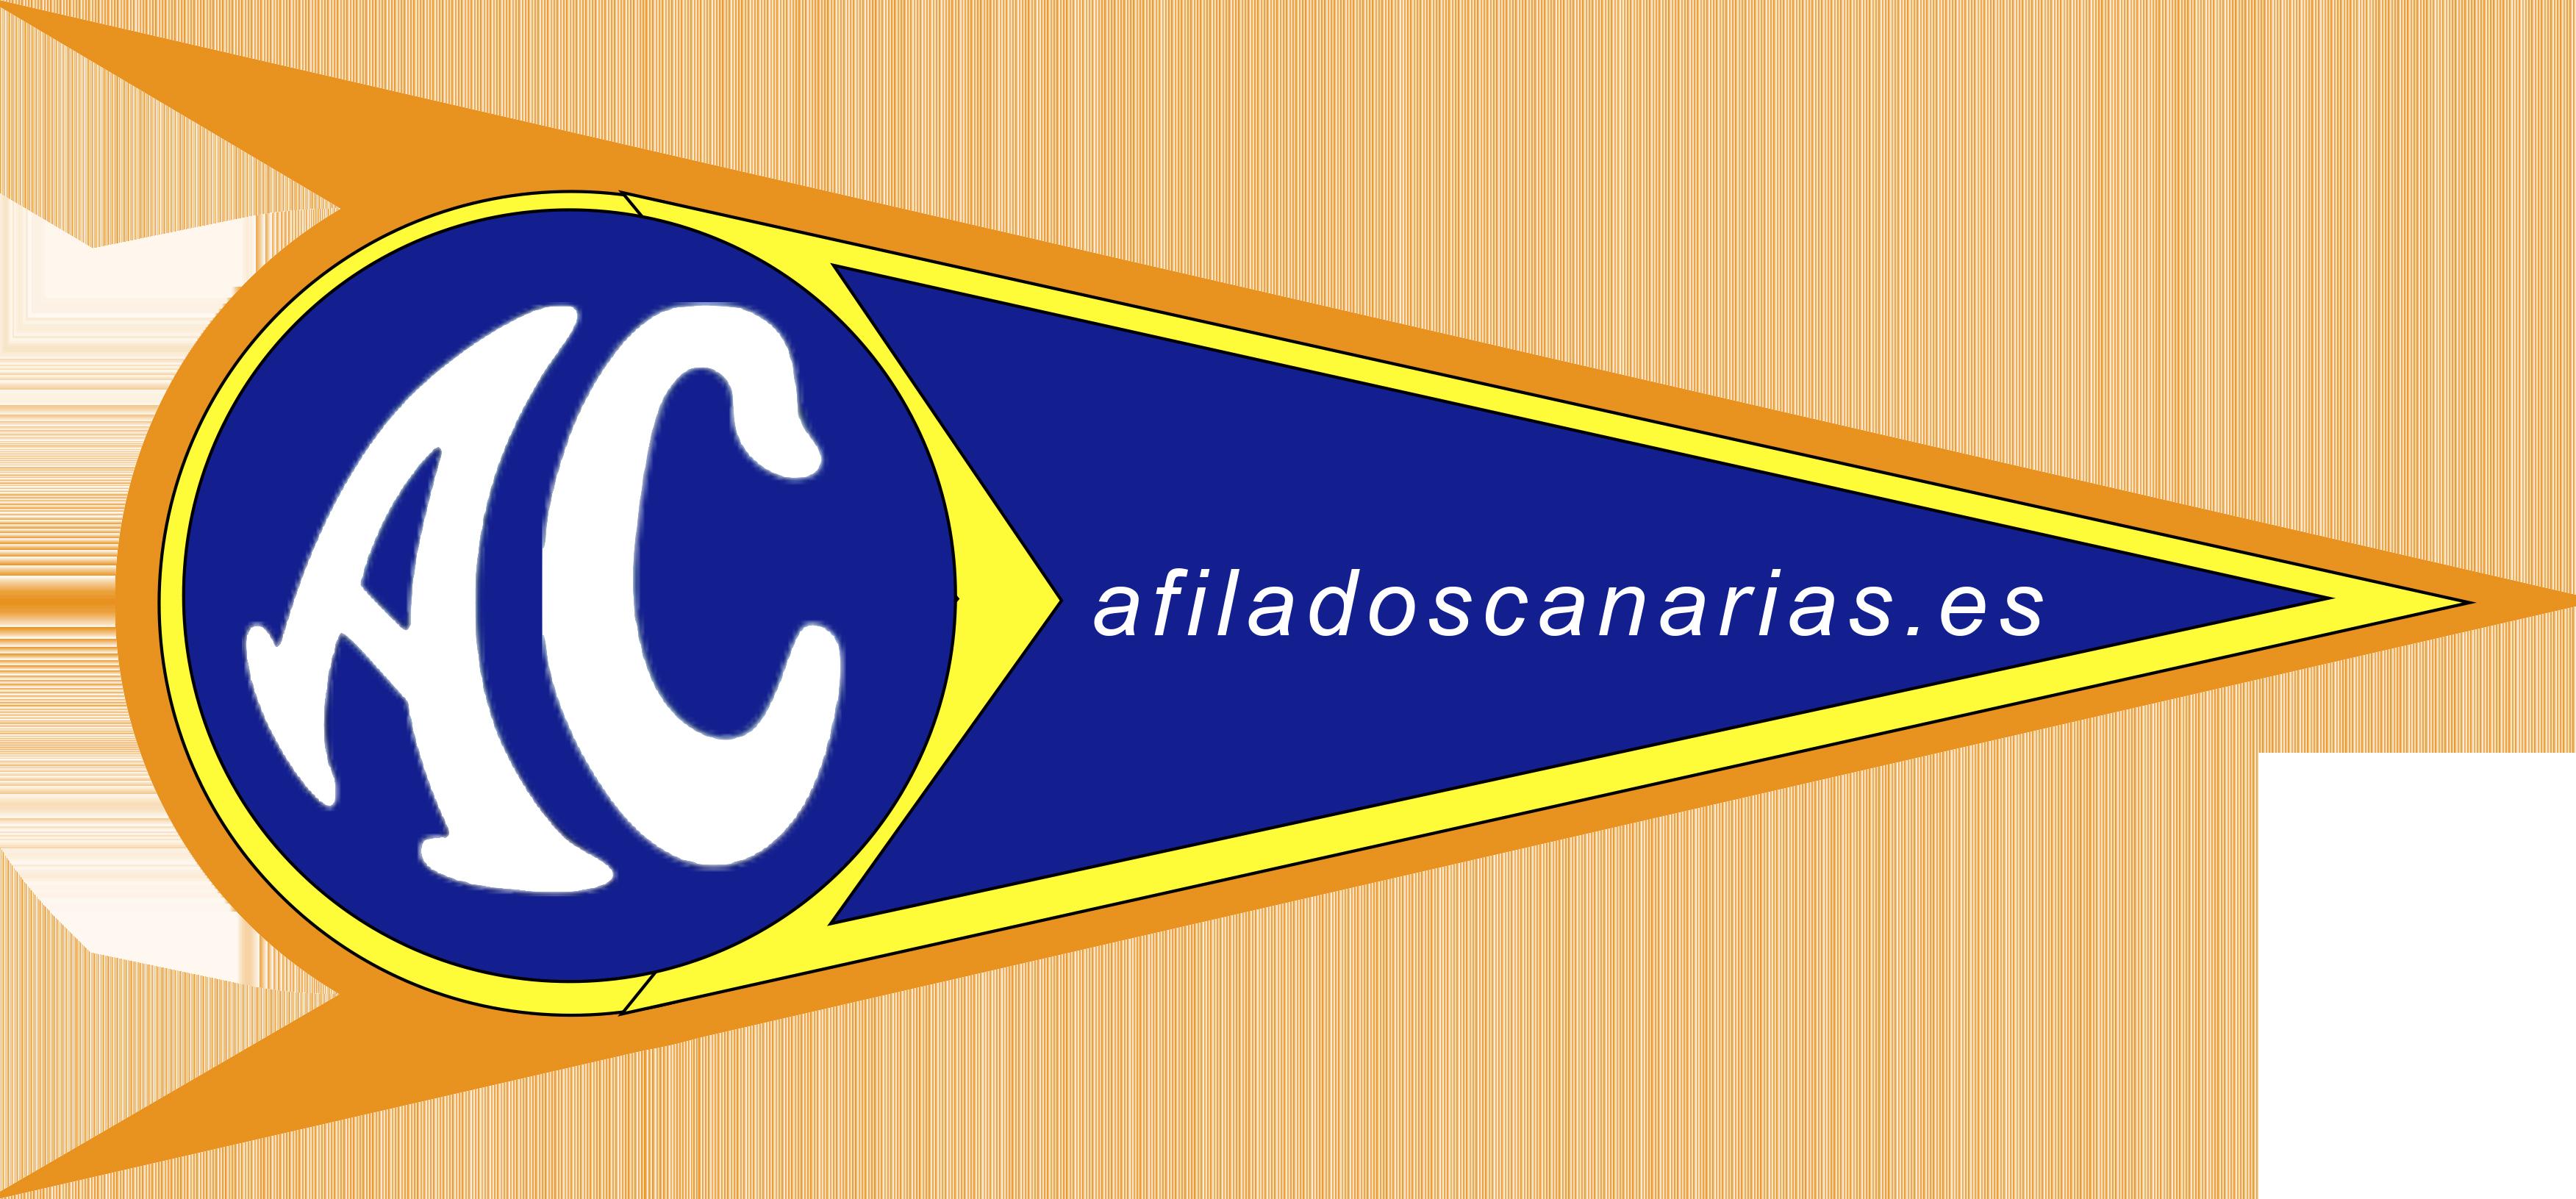 Afilados Canarias | Cuchillos, Tijeras, Utensilios Quirúrgicos, Veterinaria